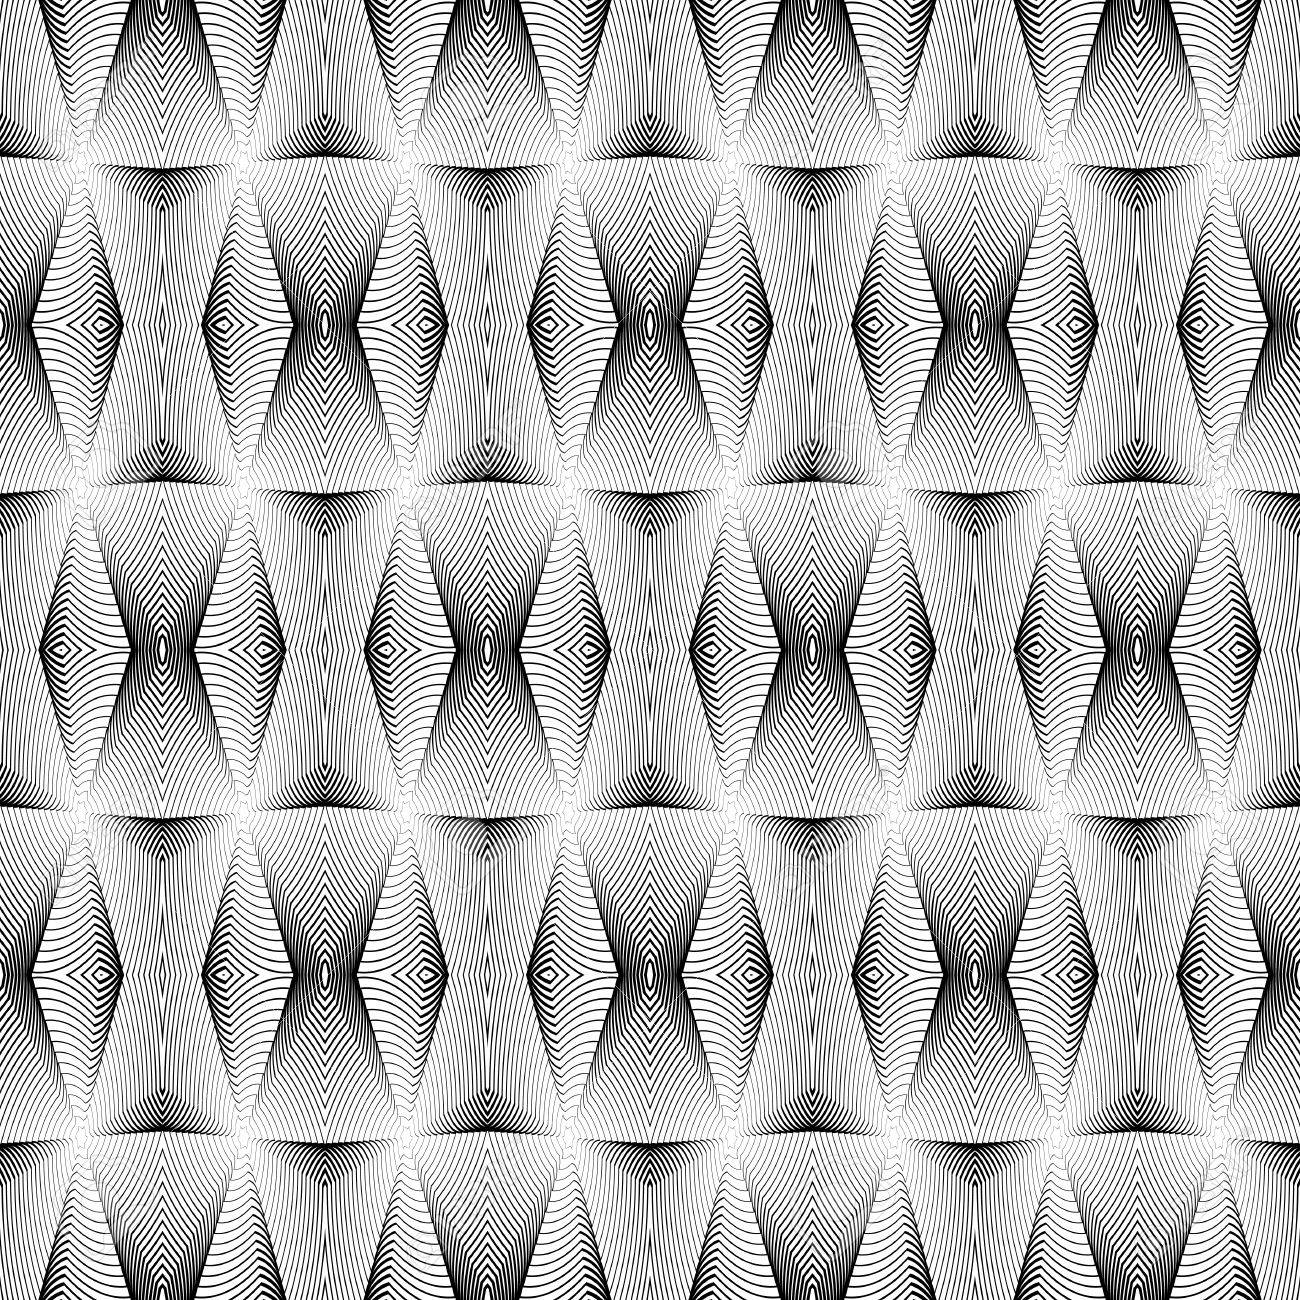 Diseño Blanco Y Negro Sin Fisuras Patrón Geométrico. Líneas De ...